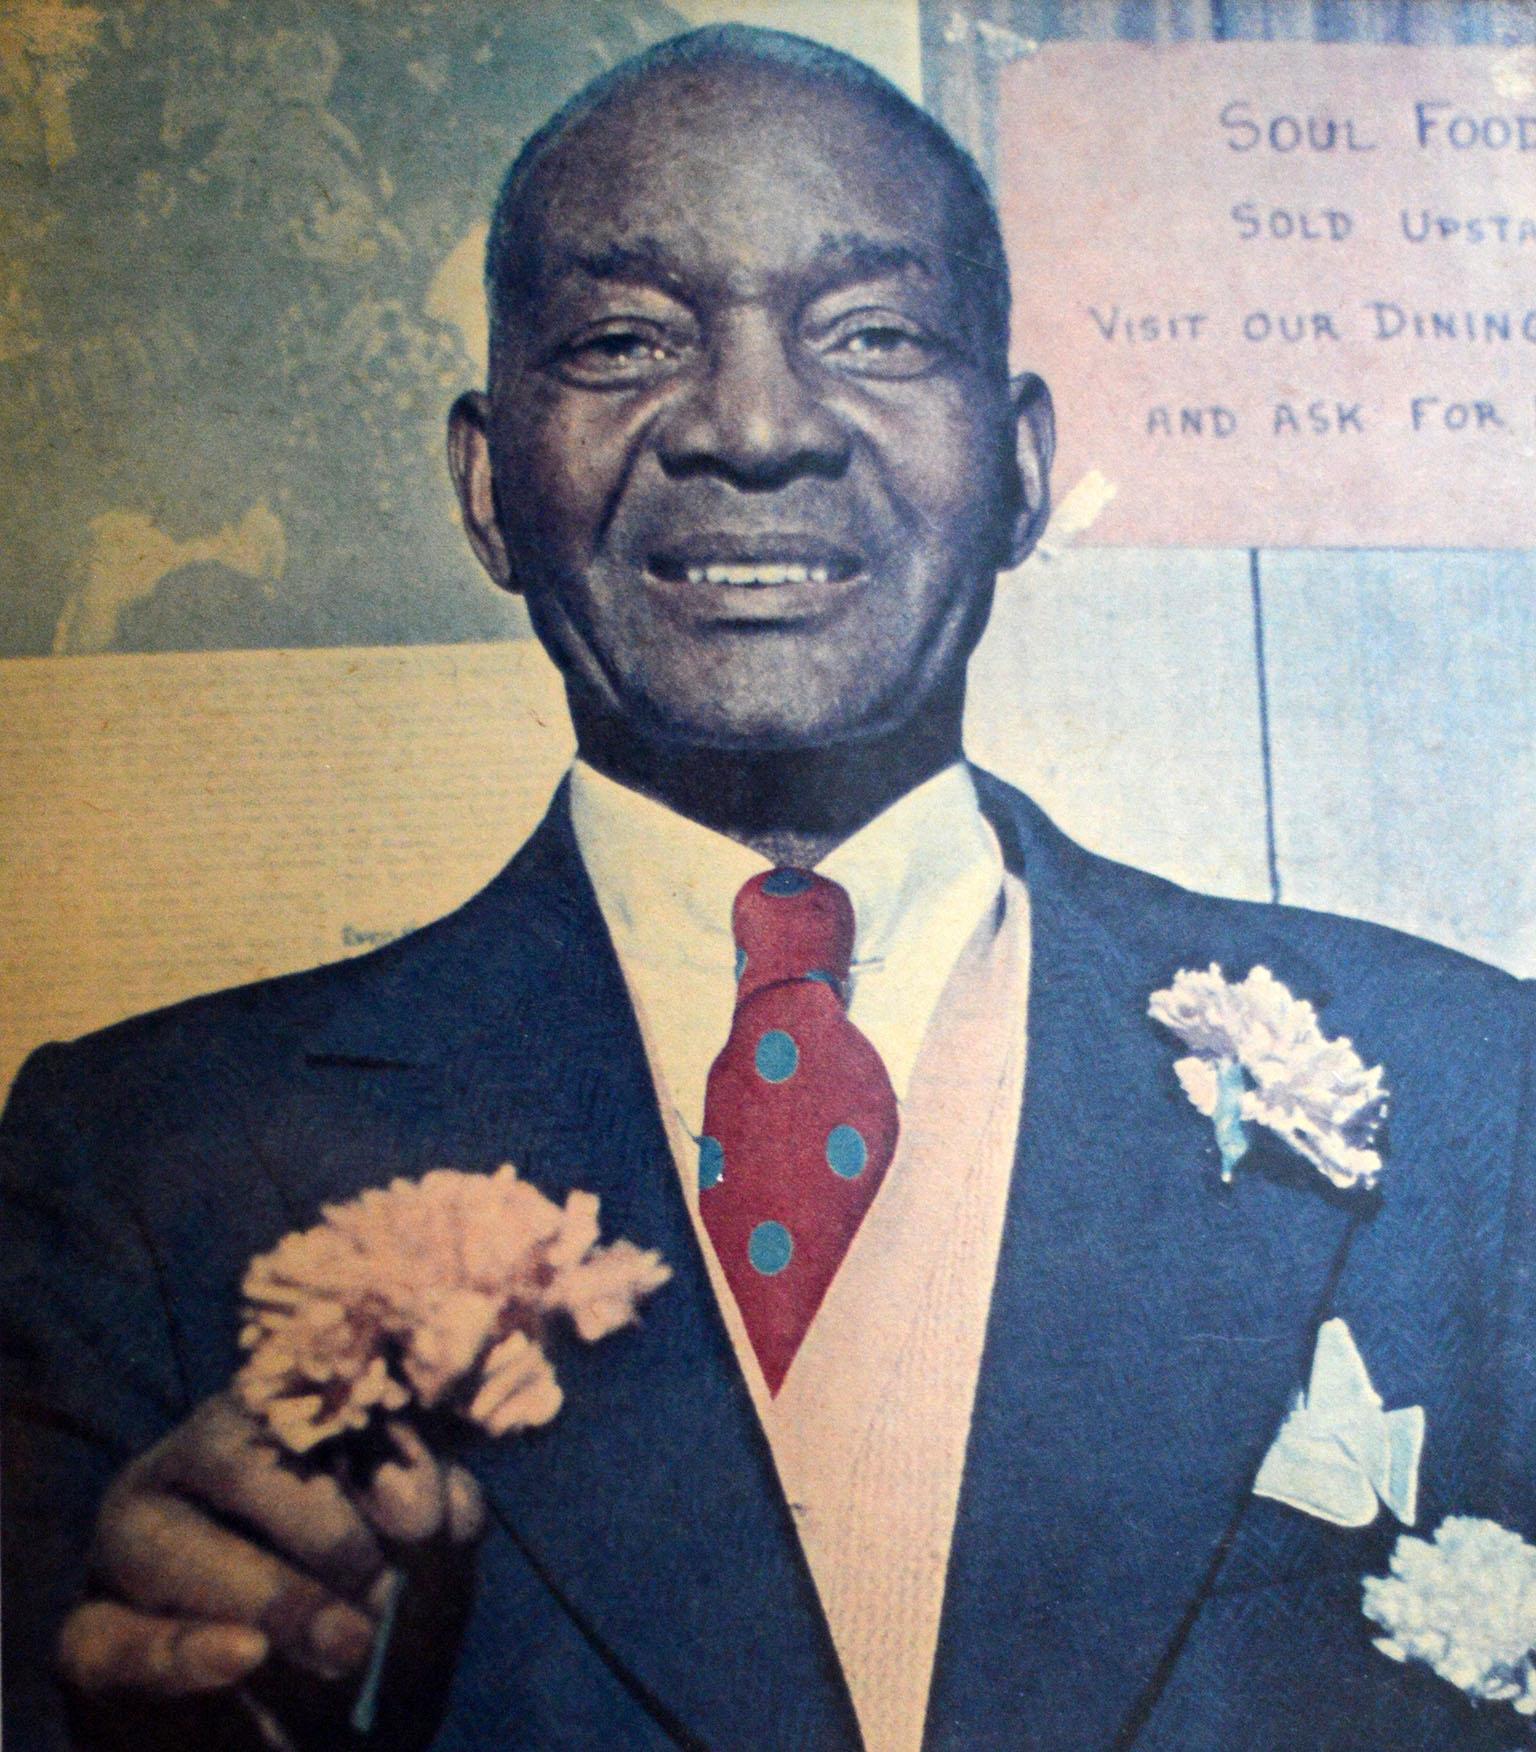 Photographie en plan rapproché poitrine illustrant un homme noir d'âge mur en complet-cravate.